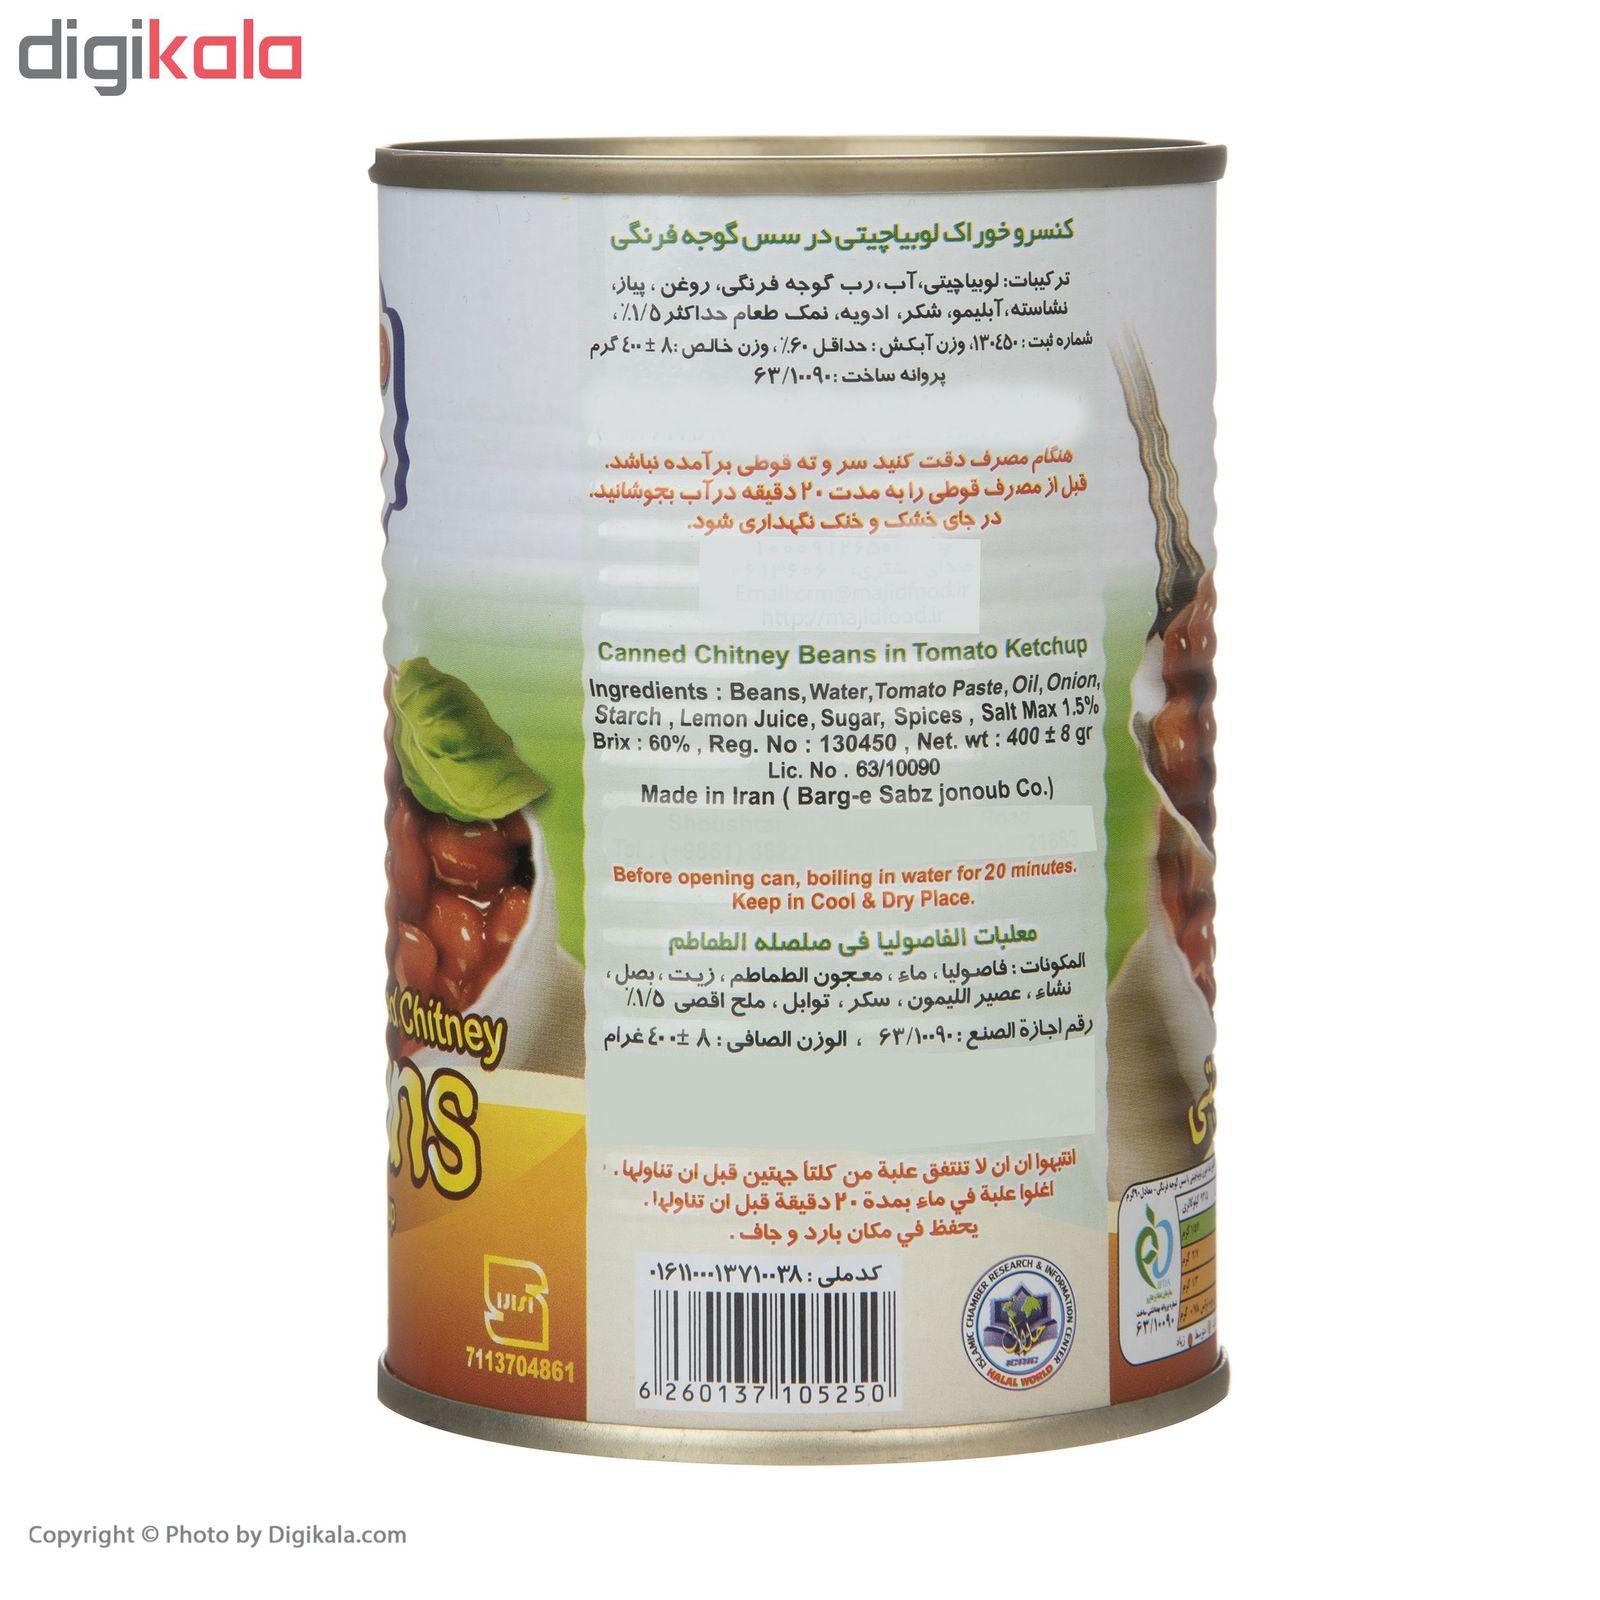 کنسرو خوراک لوبیا مجید - 400 گرم main 1 2